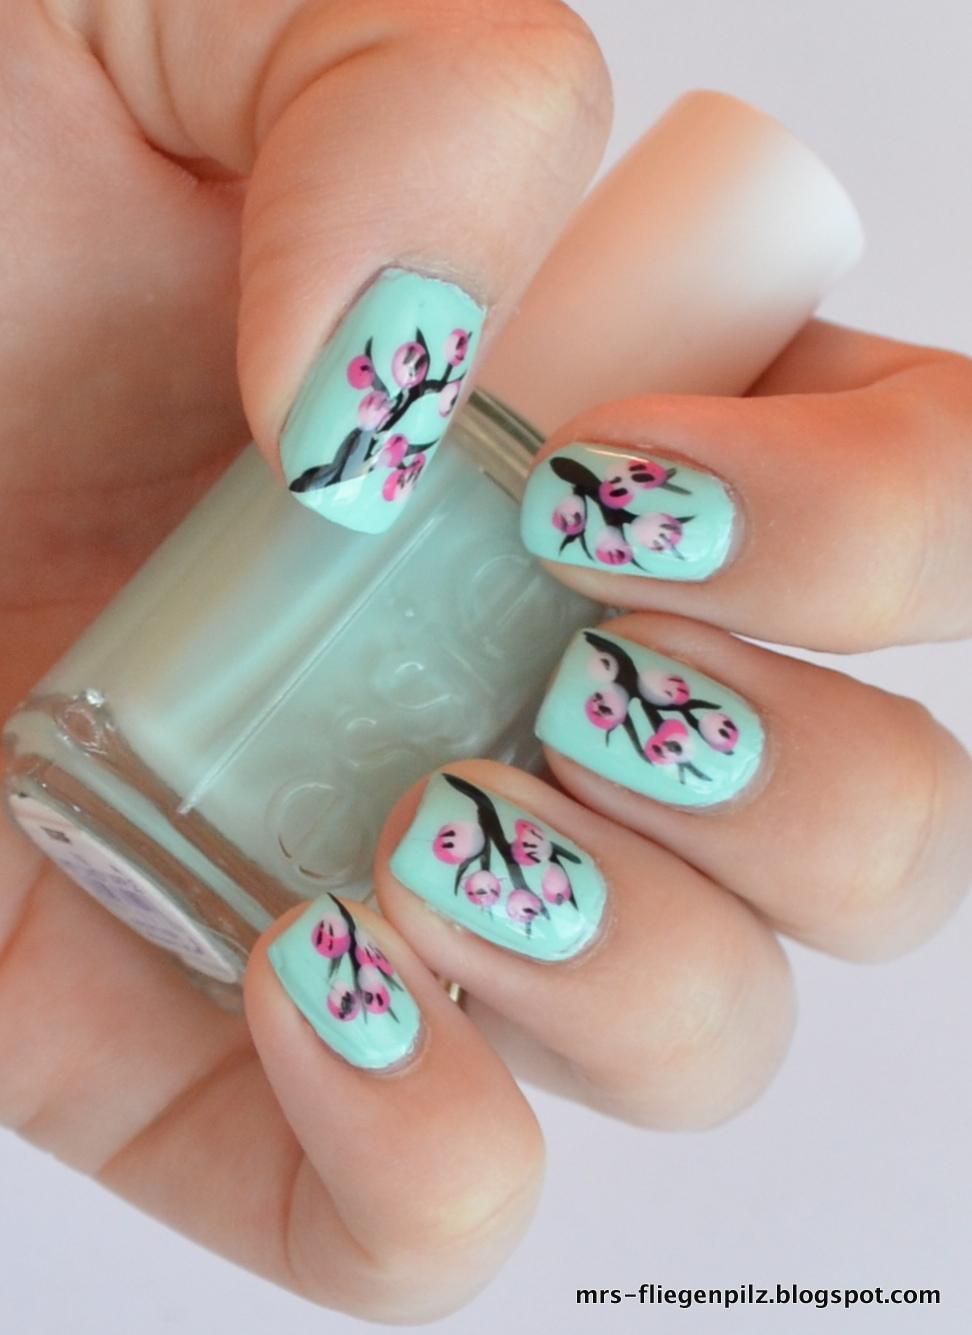 elblack nageldesign cherry blossom nails. Black Bedroom Furniture Sets. Home Design Ideas